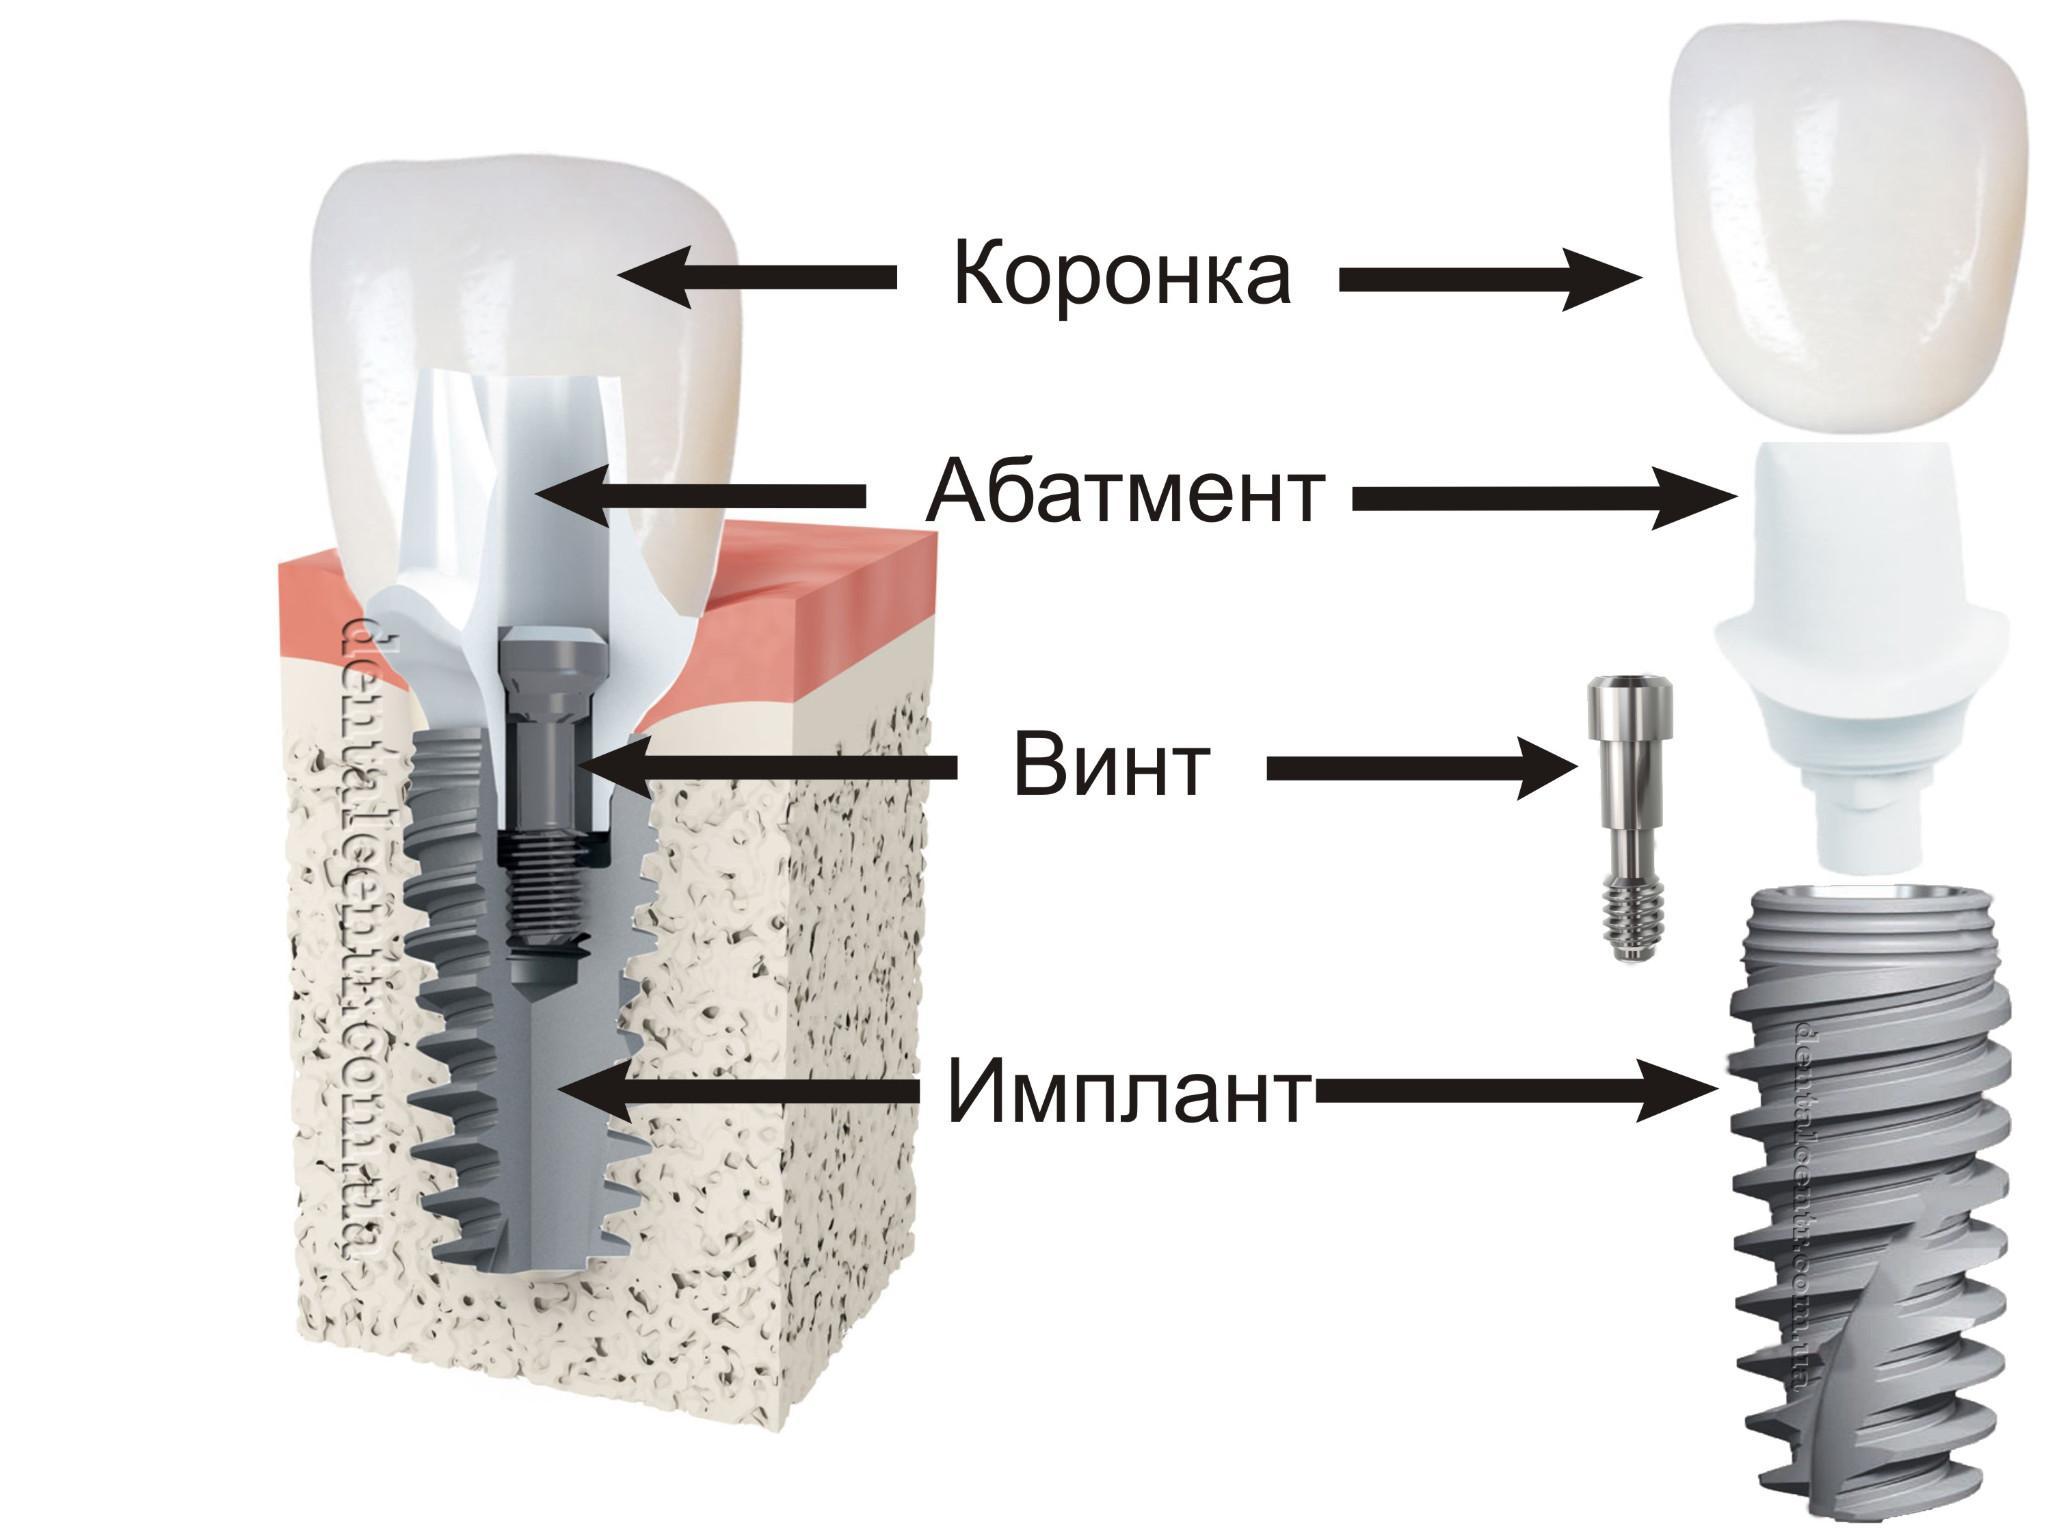 изображение современного корневидного имплантата